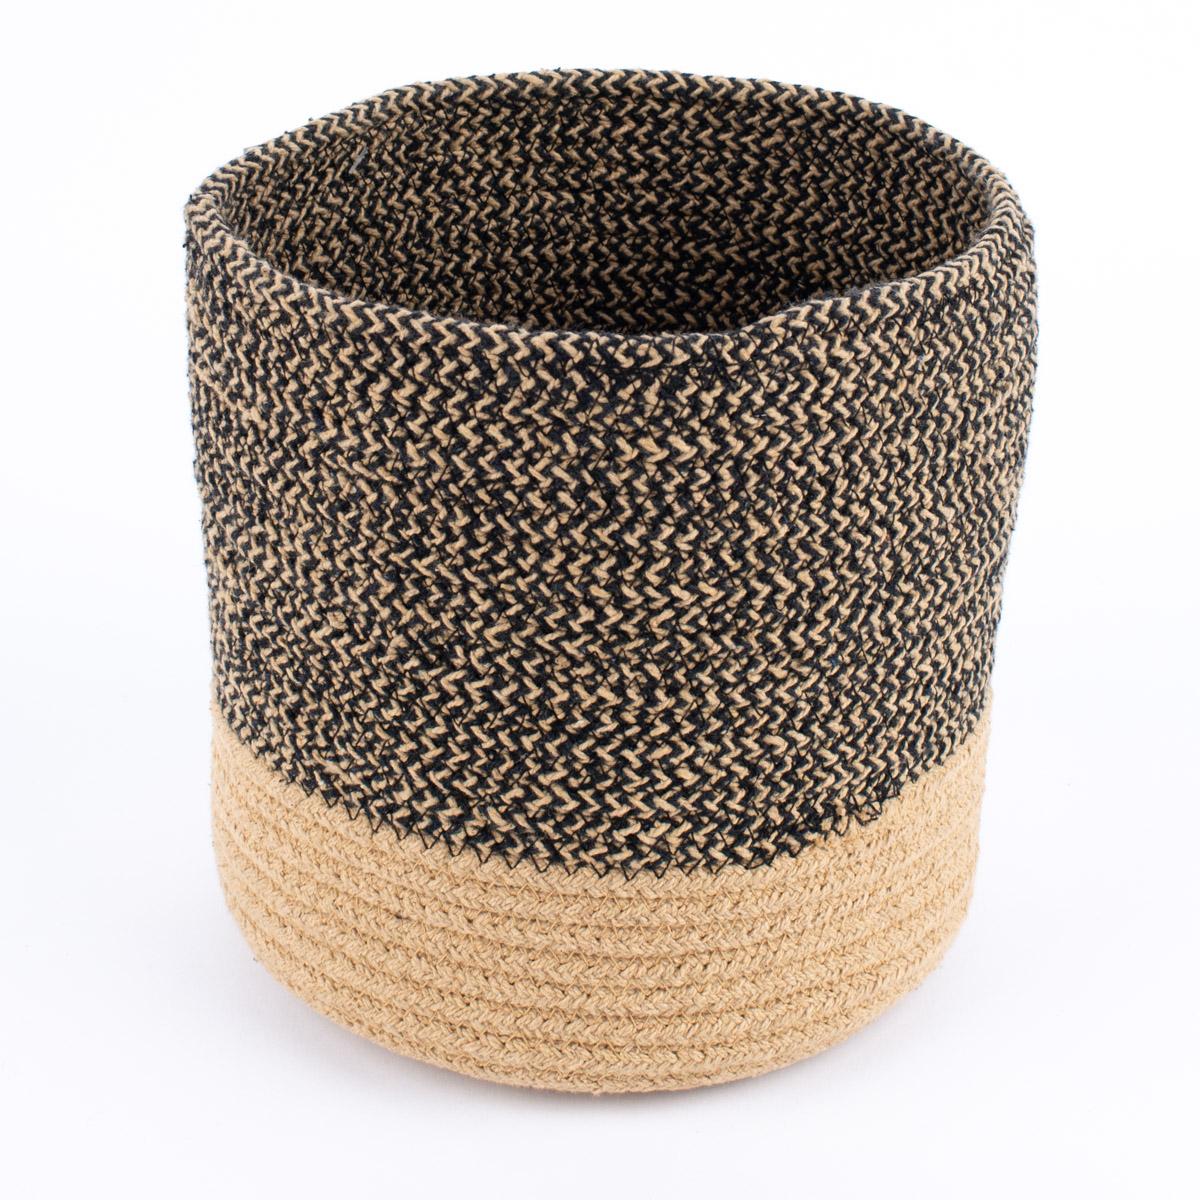 Aufbewahrungskorb geflochten Baumwolle schwarz natur verschiedene Größen